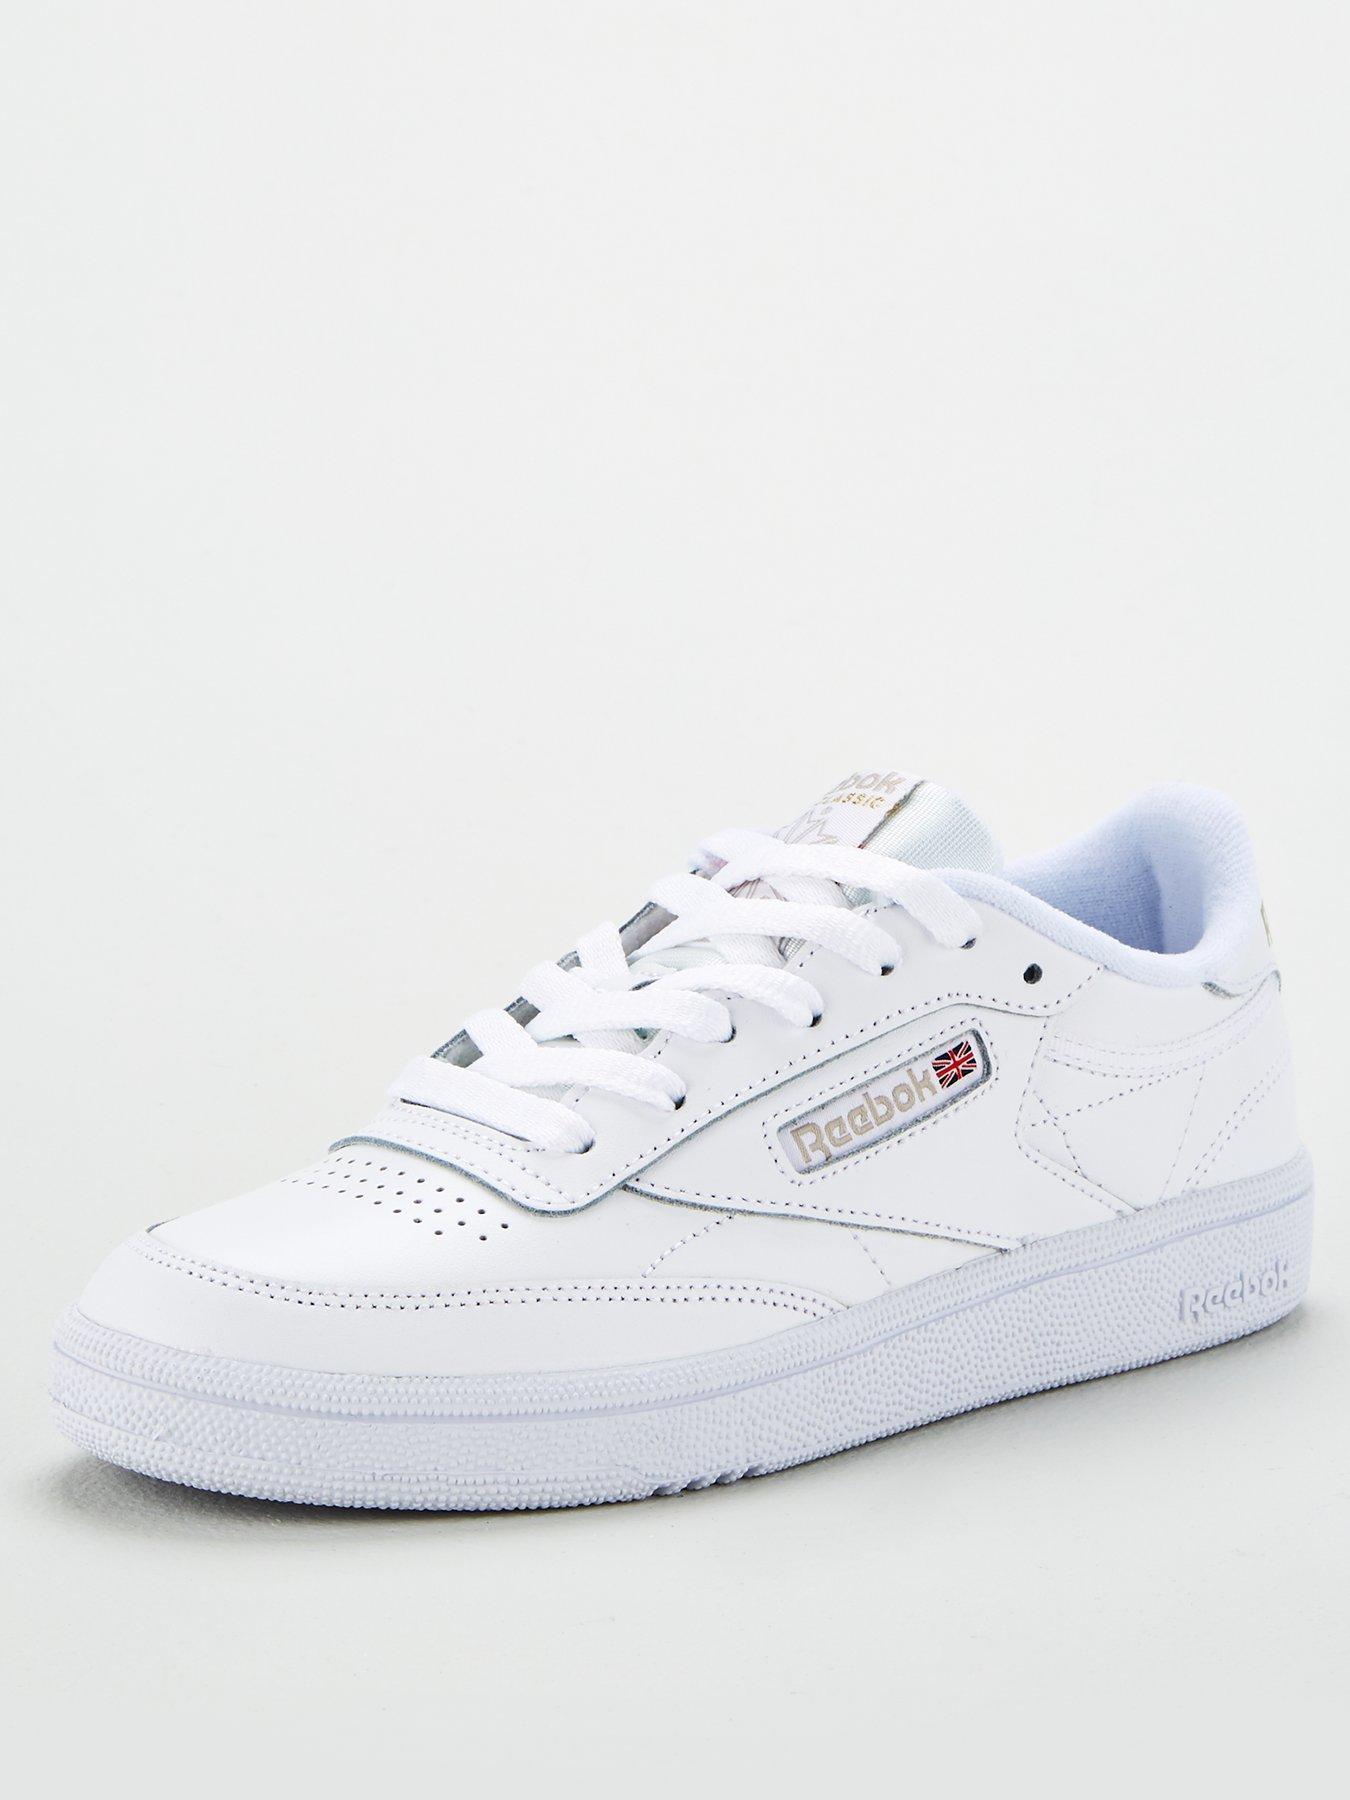 reebok club c 85 all white